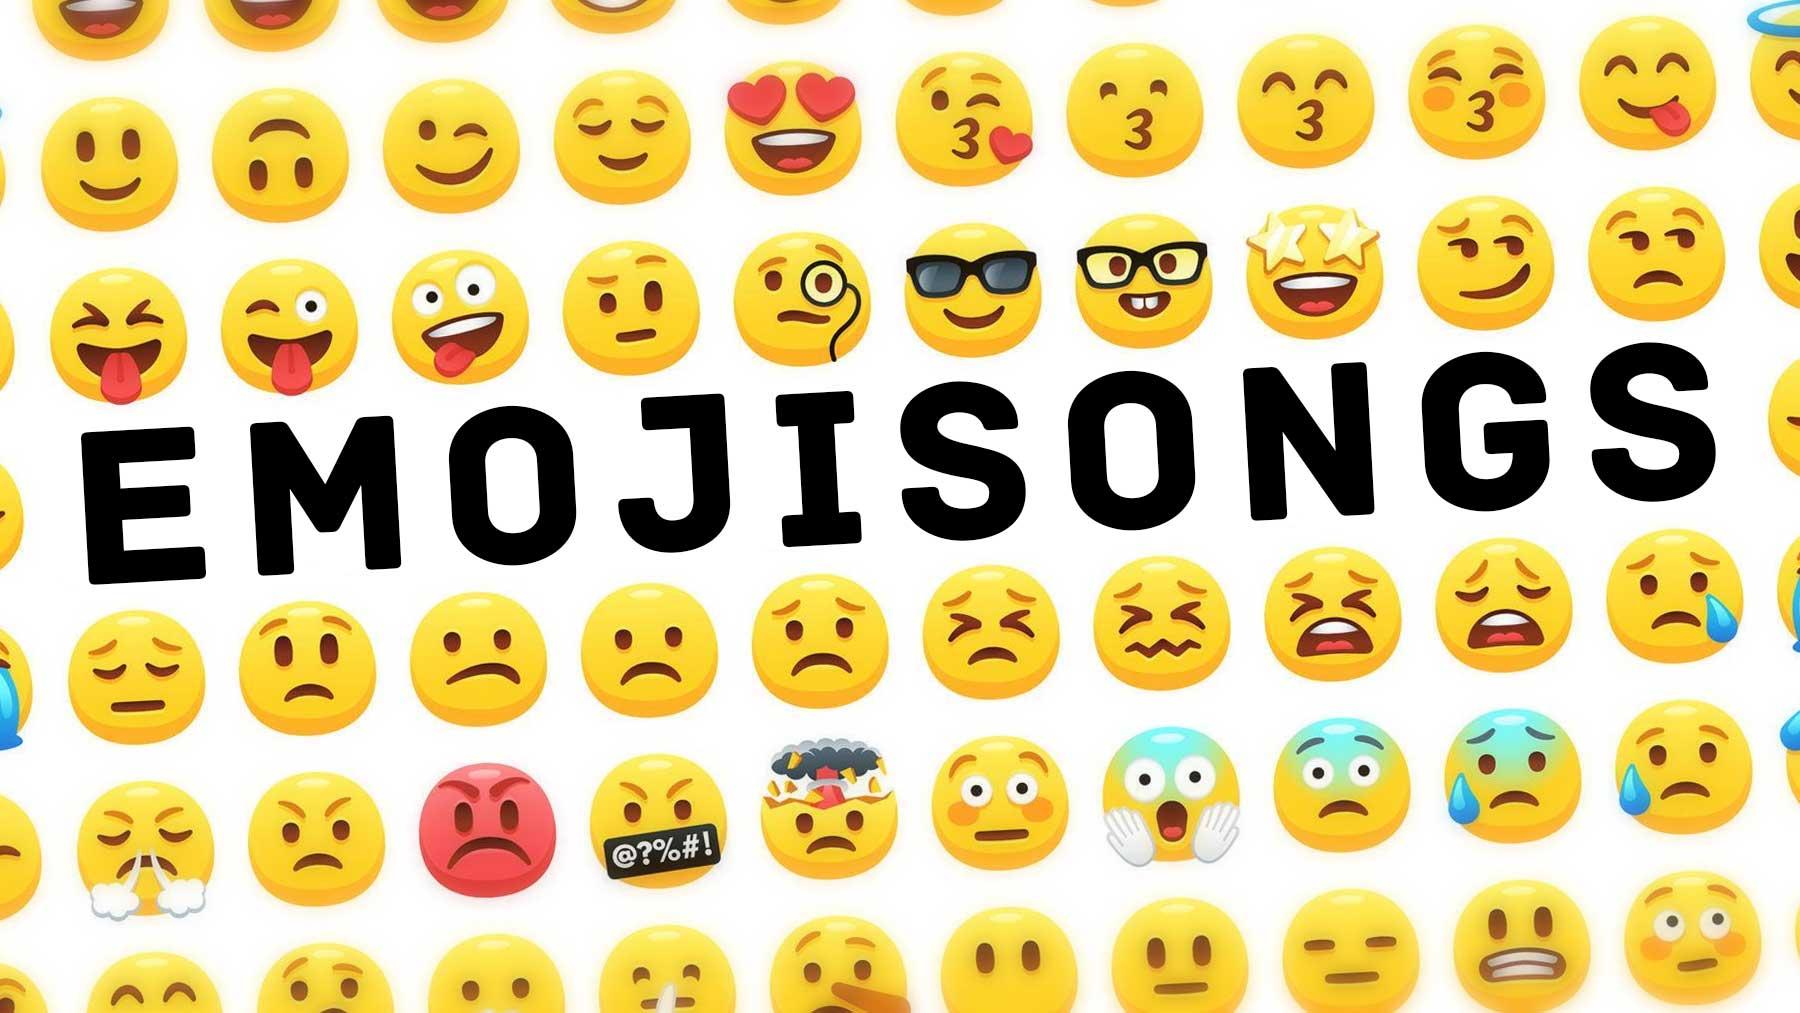 Songtitel in Emojis dargestellt emojisongs